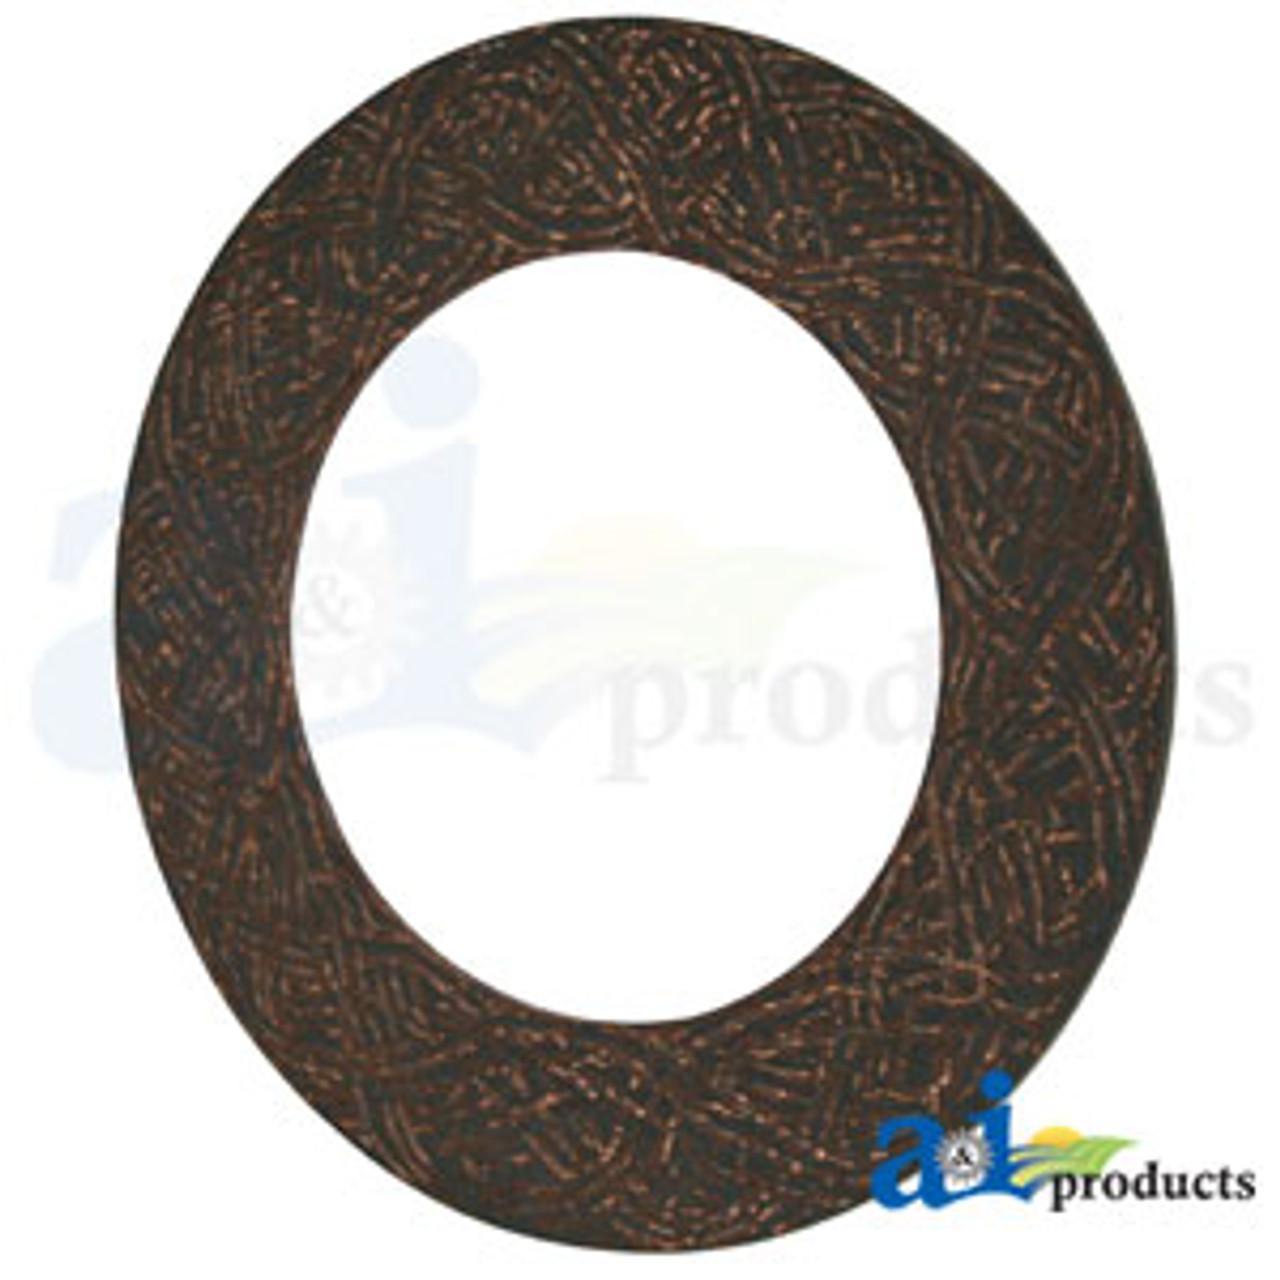 Disc Clutch A-700710945